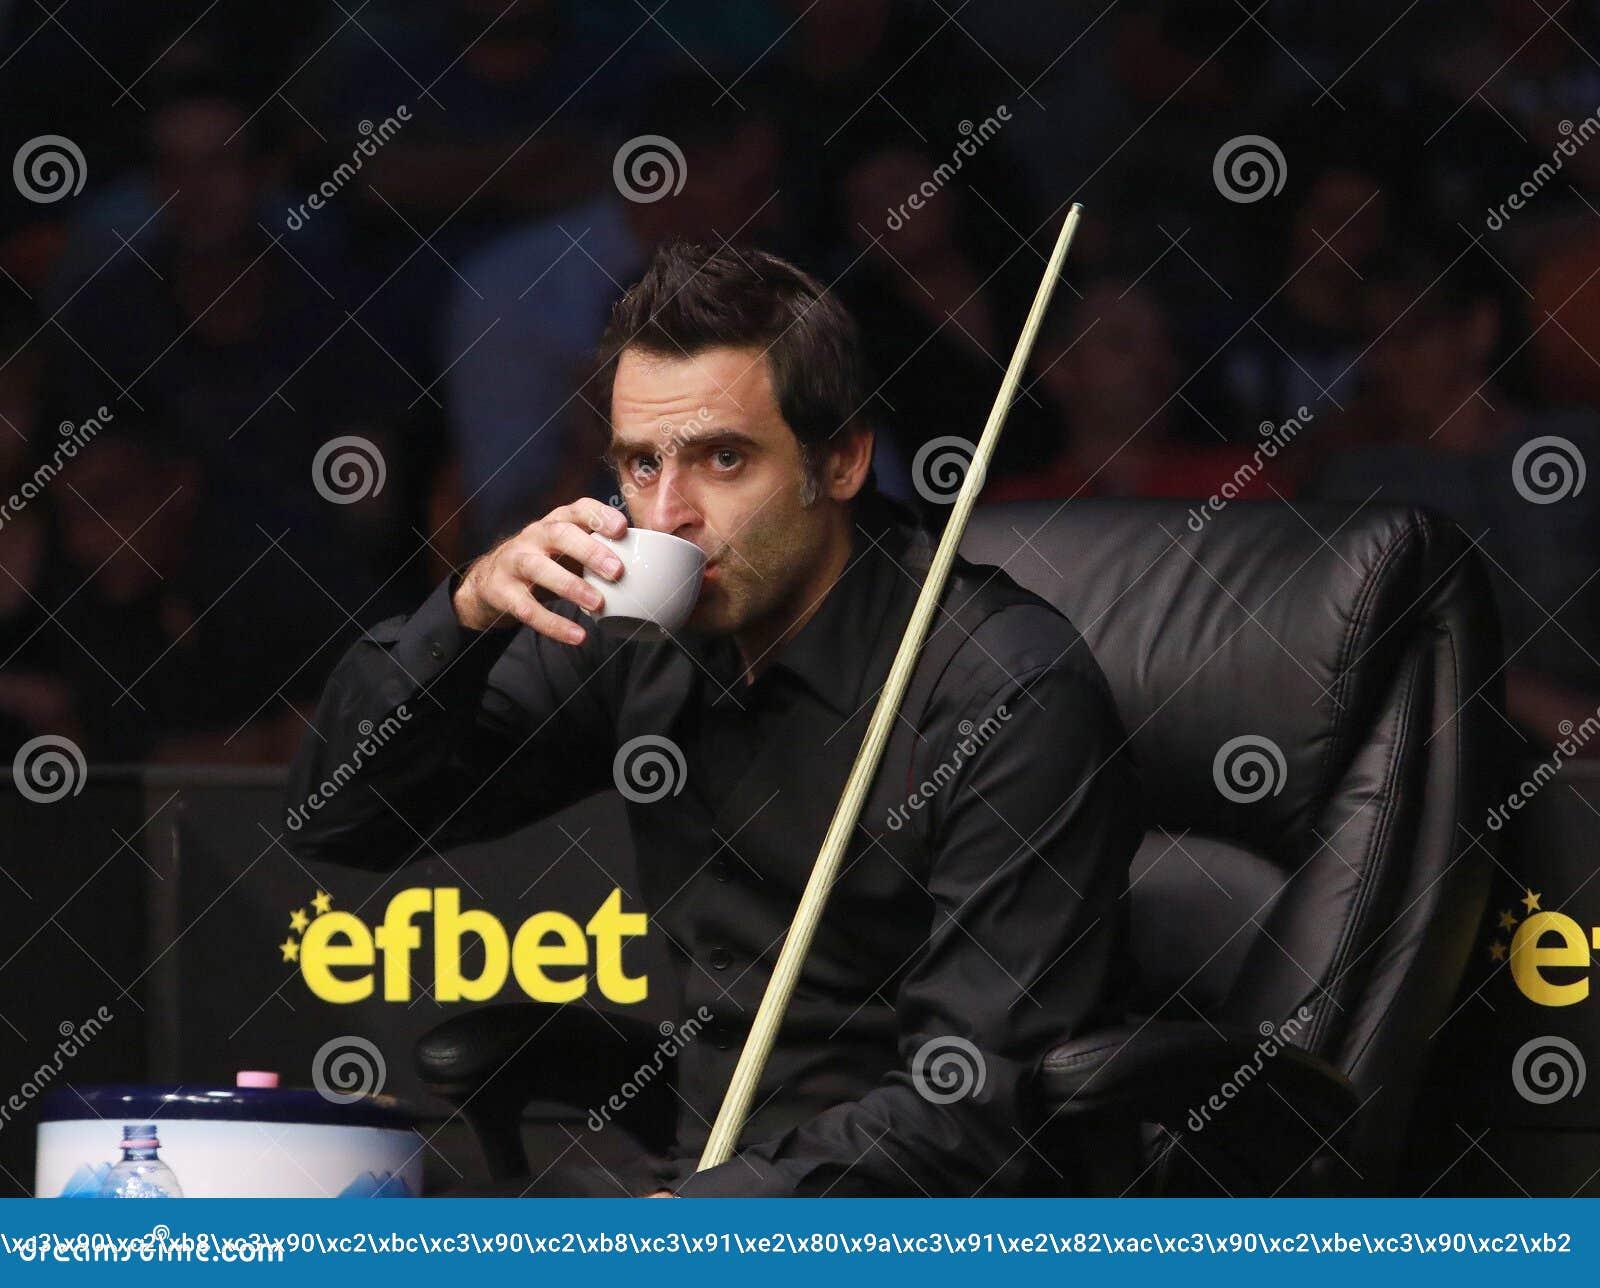 Ronnie Oâ €™Sullivan partecipa alla manifestazione dello snooker le undici 30 serie 2016